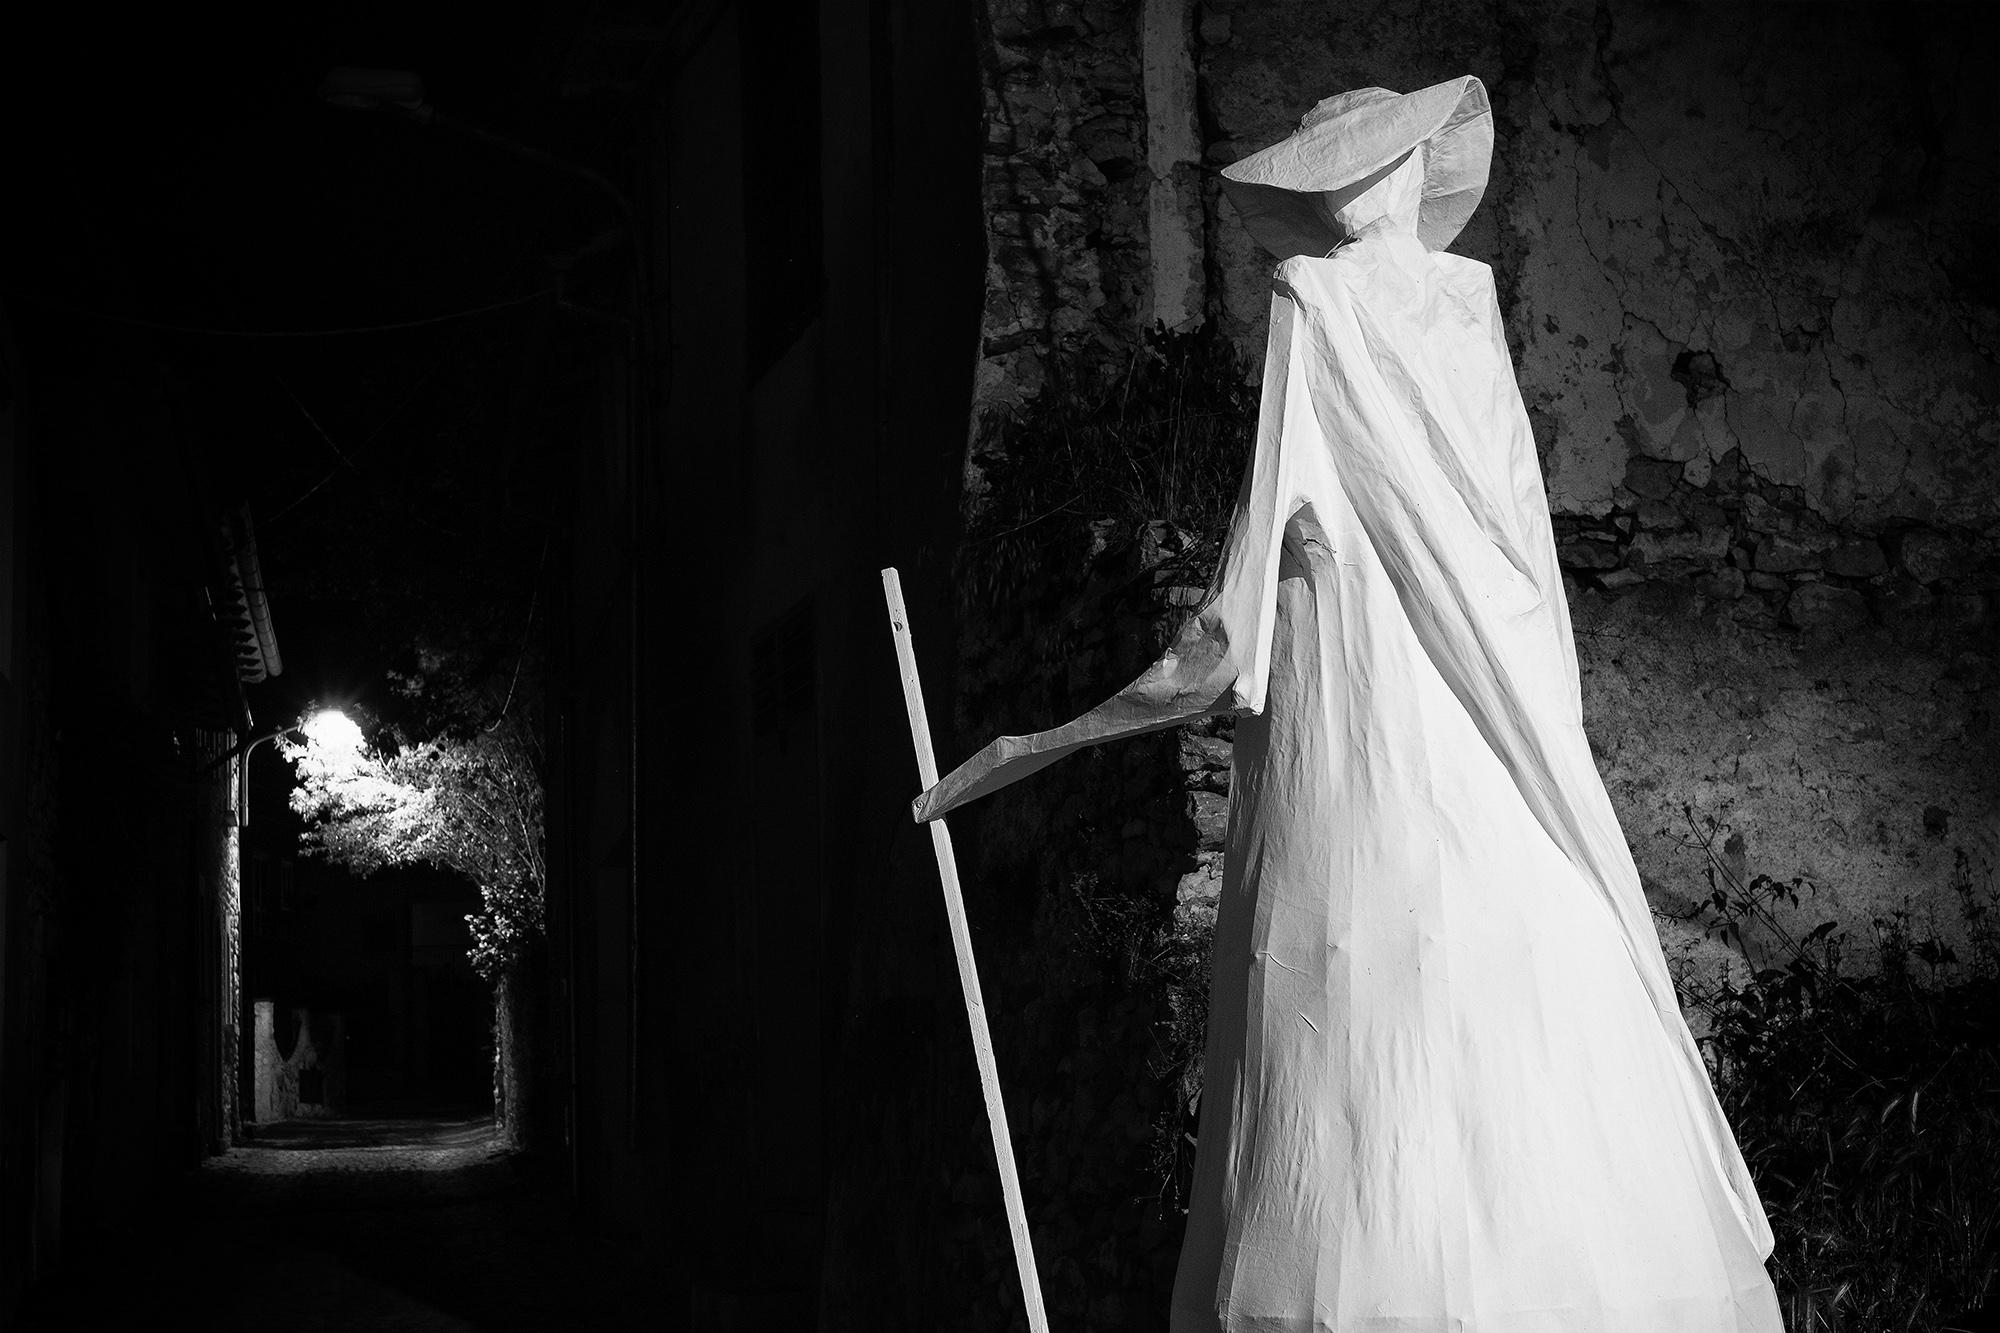 Donato Chirulli: Eartquake's Ghost